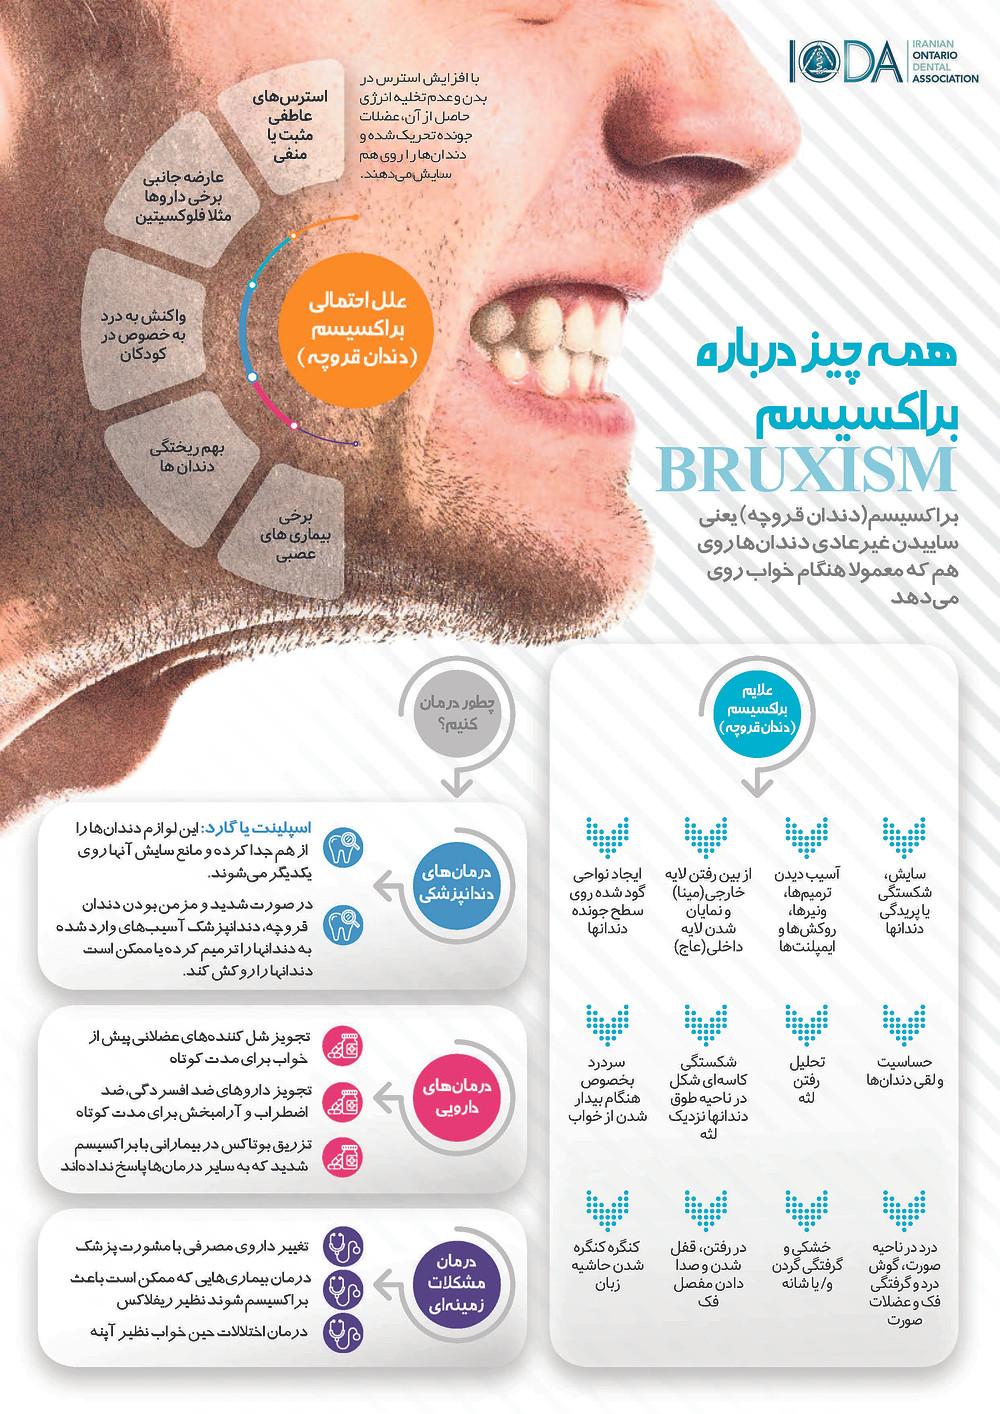 علایم براکسیسم دندان قروچه